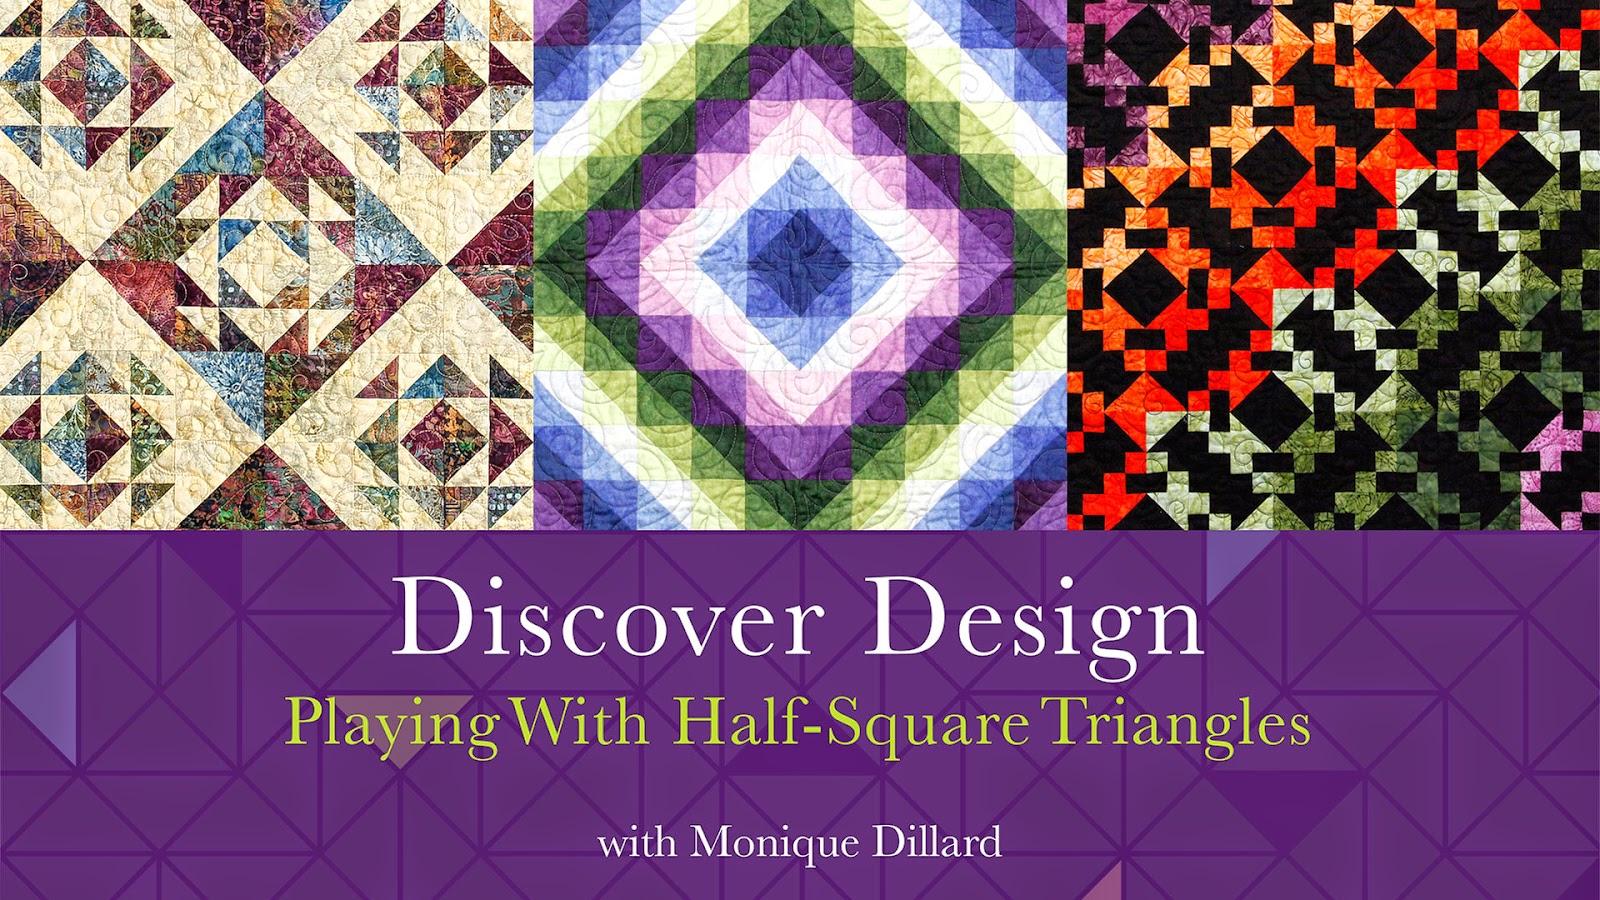 Discover Design